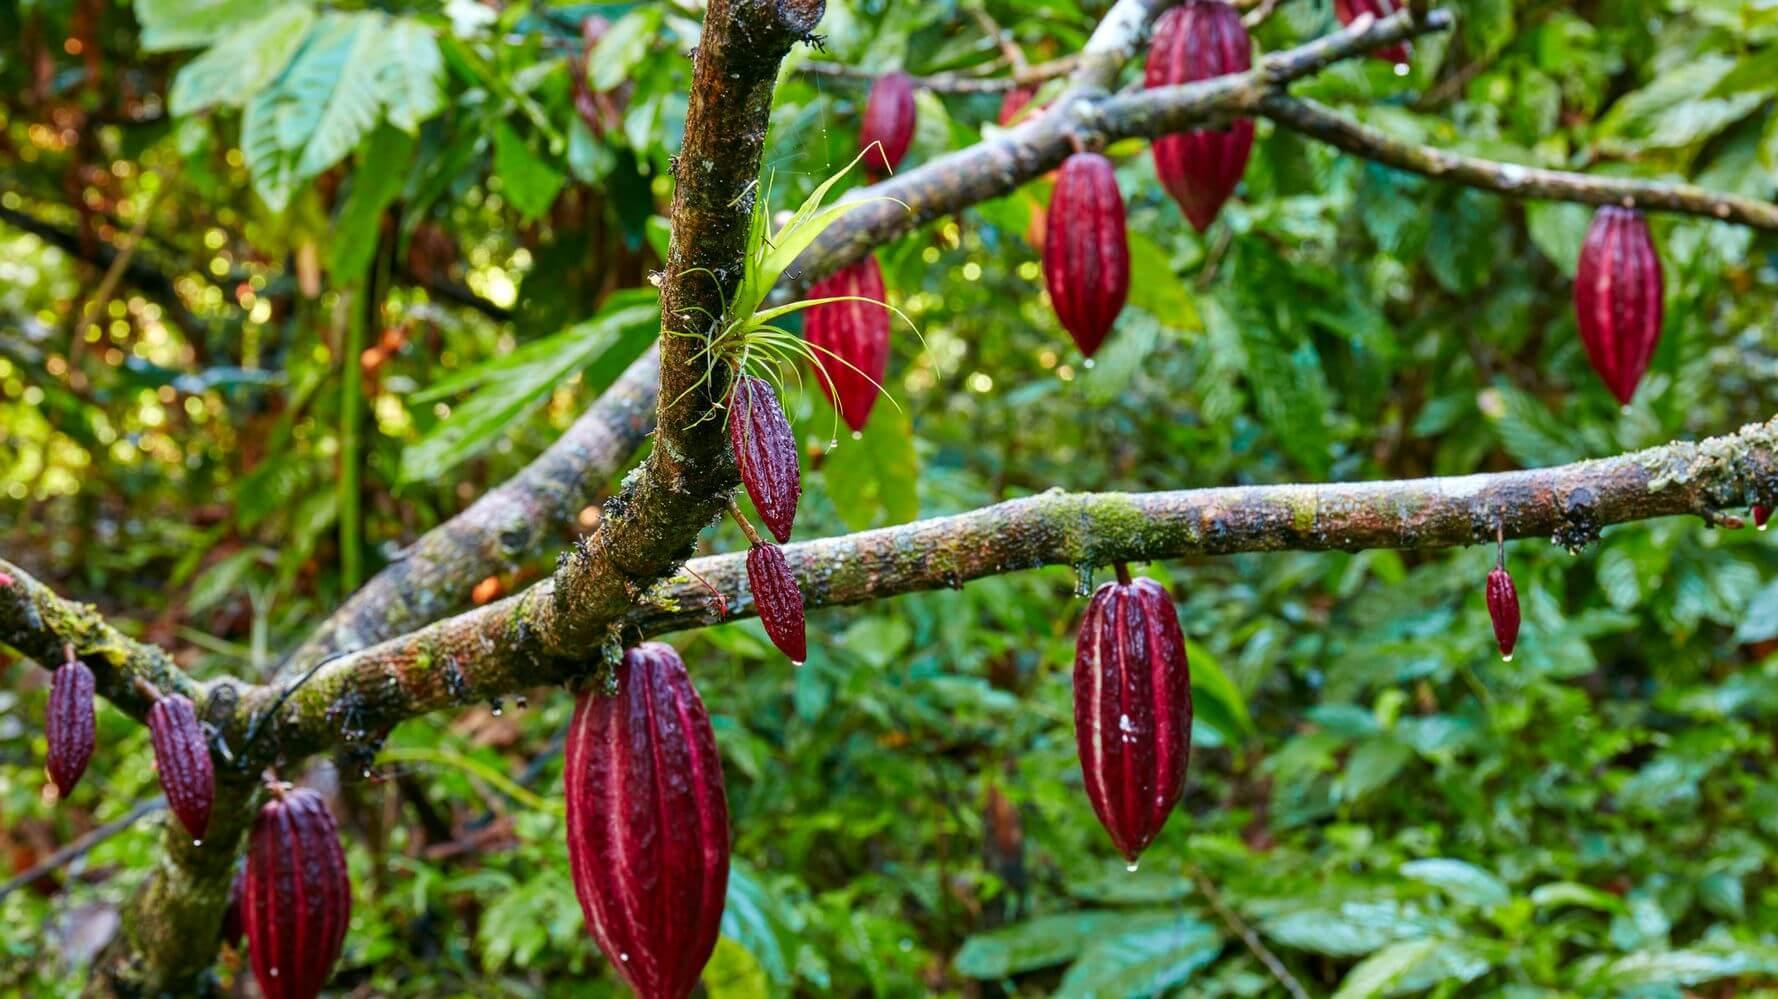 cara merawat pohon kakao agar berbuah banyak